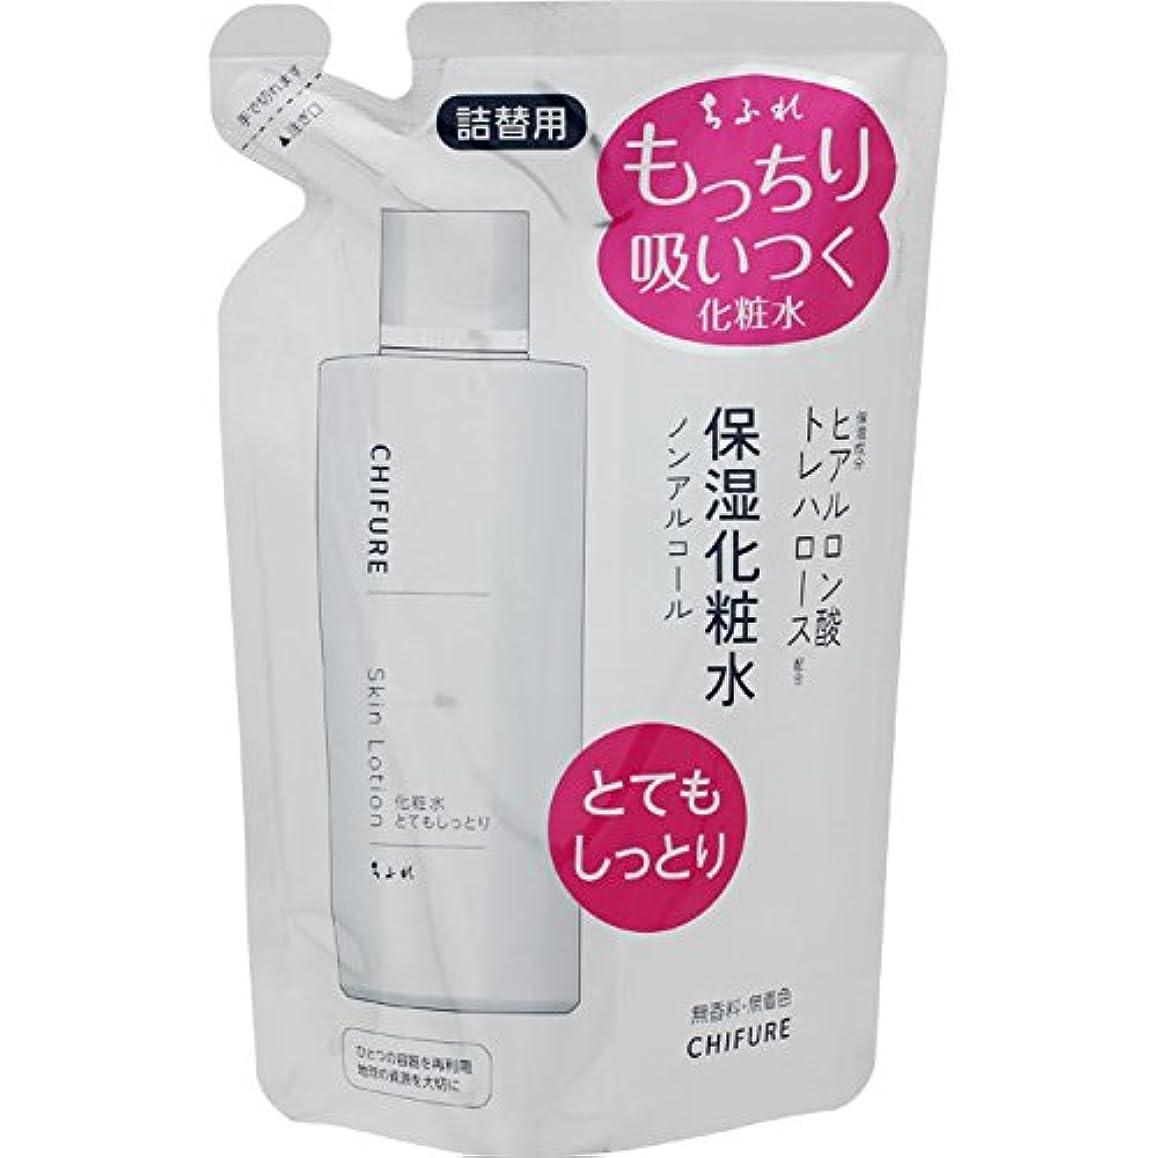 定規大きさしかしちふれ化粧品 化粧水 とてもしっとりタイプ 詰替用 150ML